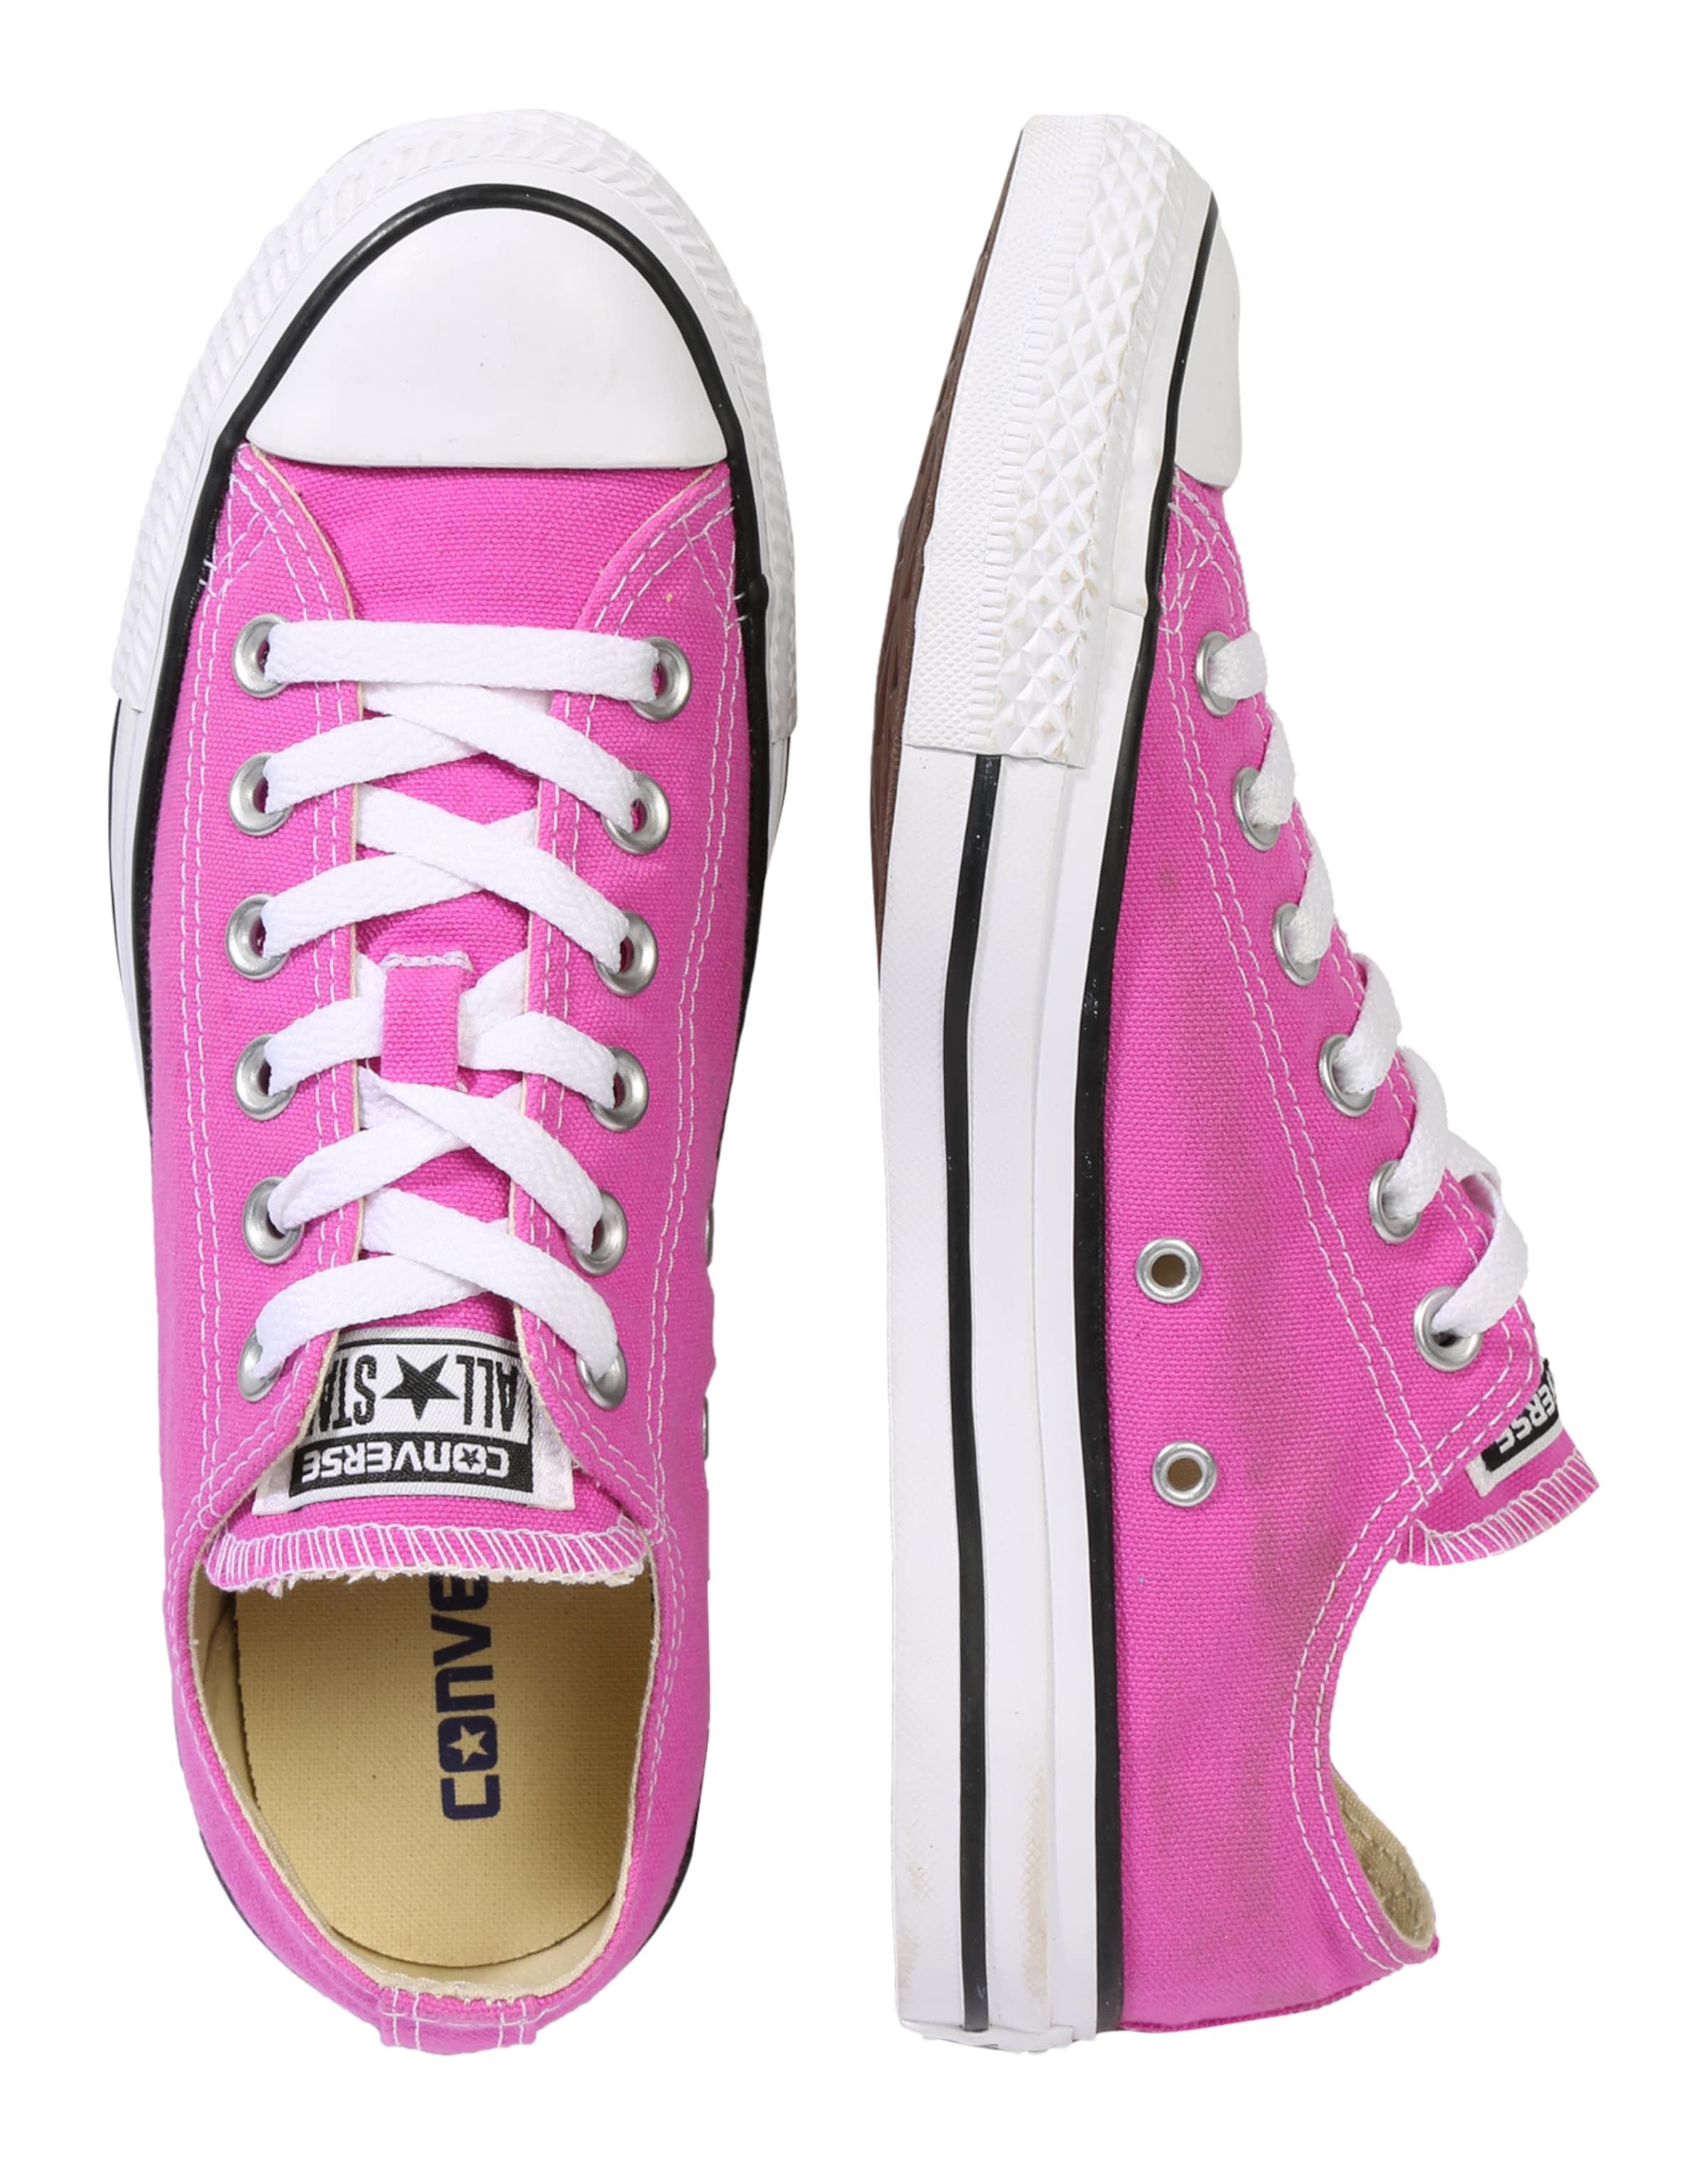 CONVERSE Sneaker 'CHUCK TAYLOR ALL STAR - OX' Rabatt Veröffentlichungstermine Websites Online-Verkauf Erhalten Authentisch Günstigen Preis Billig Verkaufen Gefälschte Günstig Kaufen Besten Verkauf El8LGG